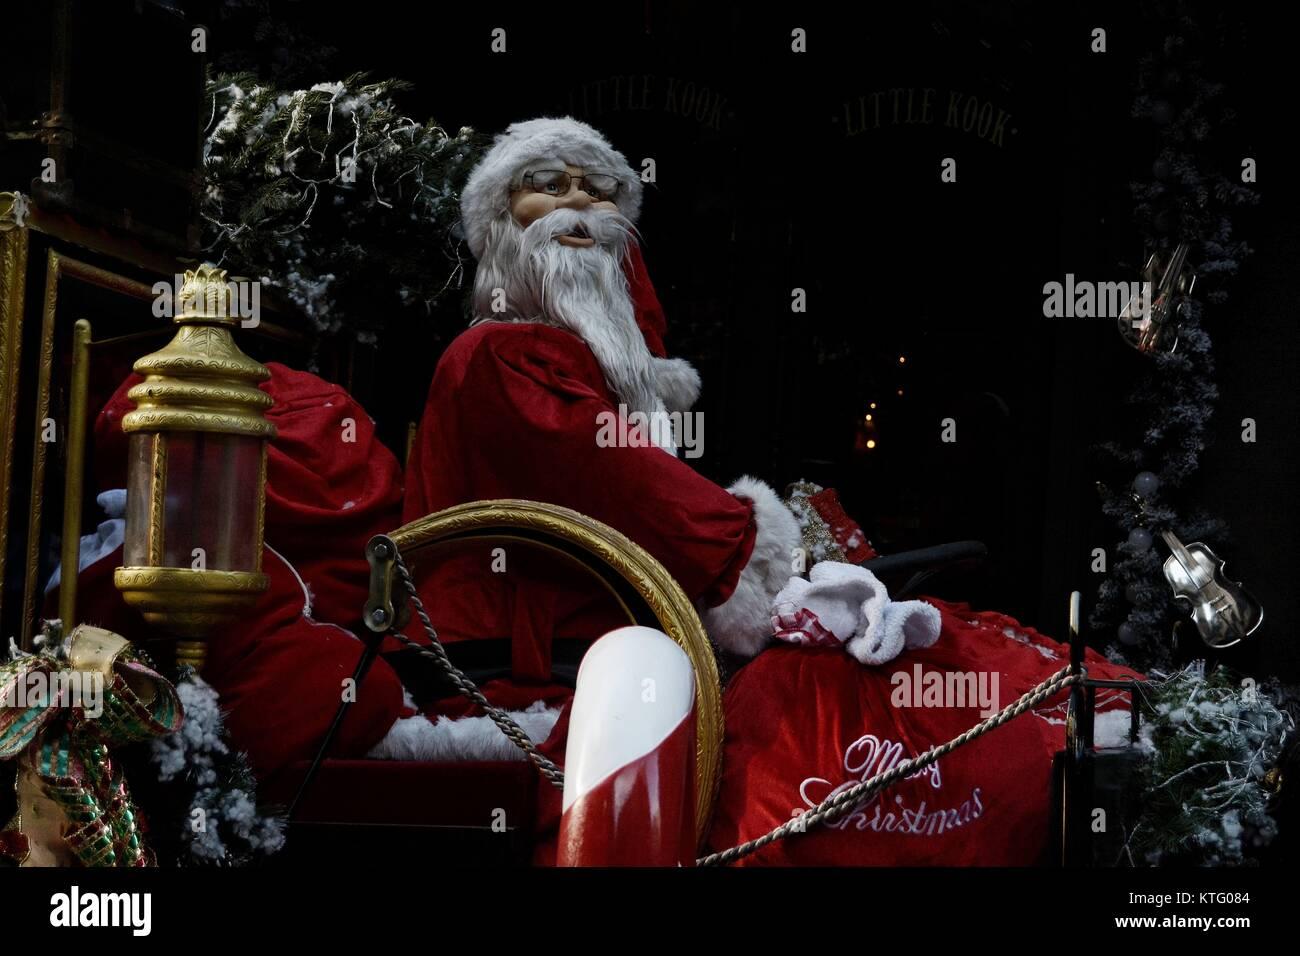 Weihnachten In Griechenland Bilder.Athen Griechenland 24 Dez 2017 Straße Mit Weihnachten Dekoration